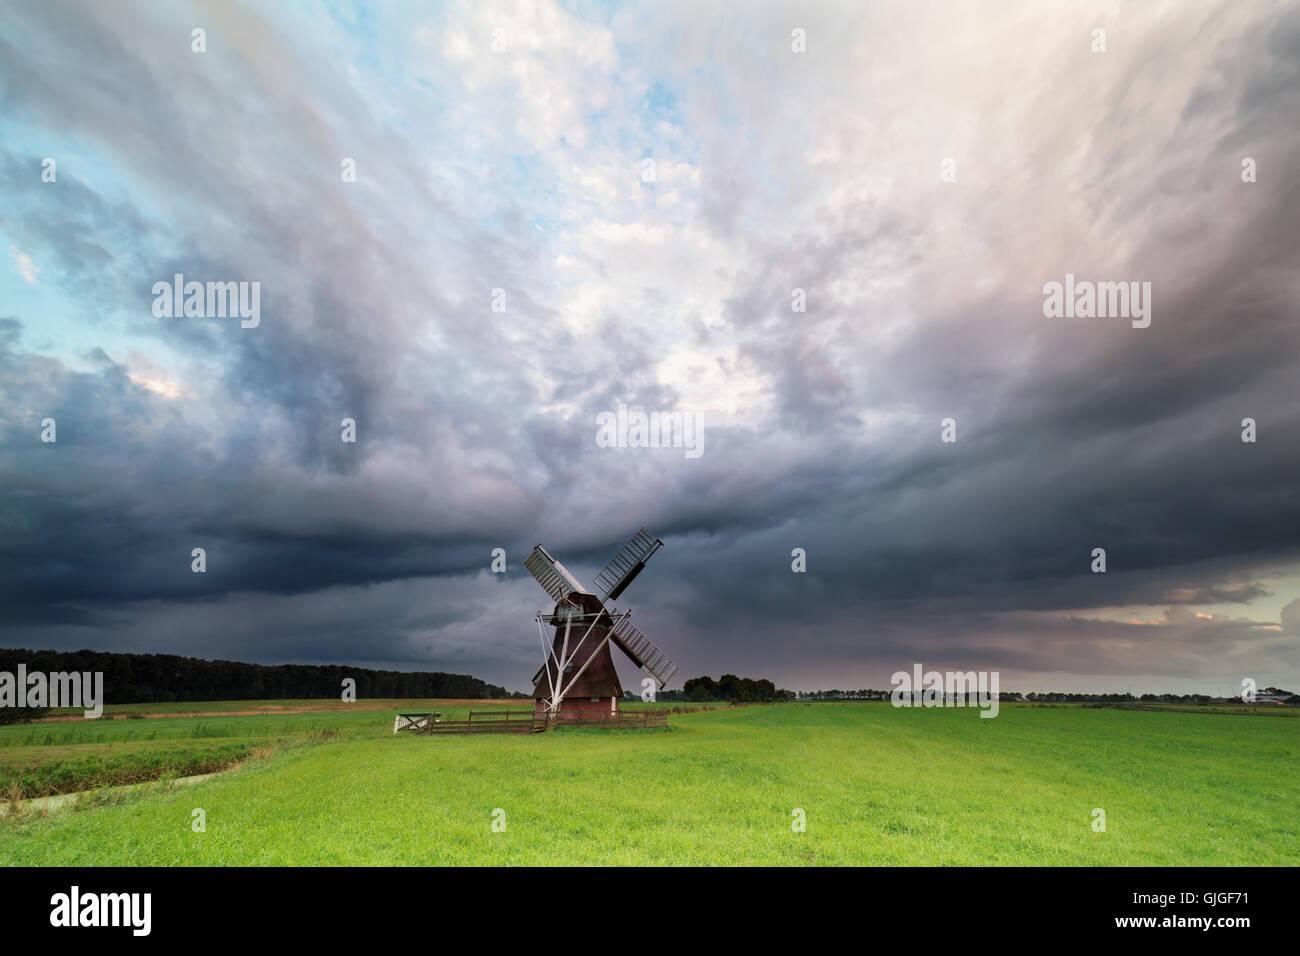 Les nuages orageux foncé plus de moulin, Pays-Bas Photo Stock